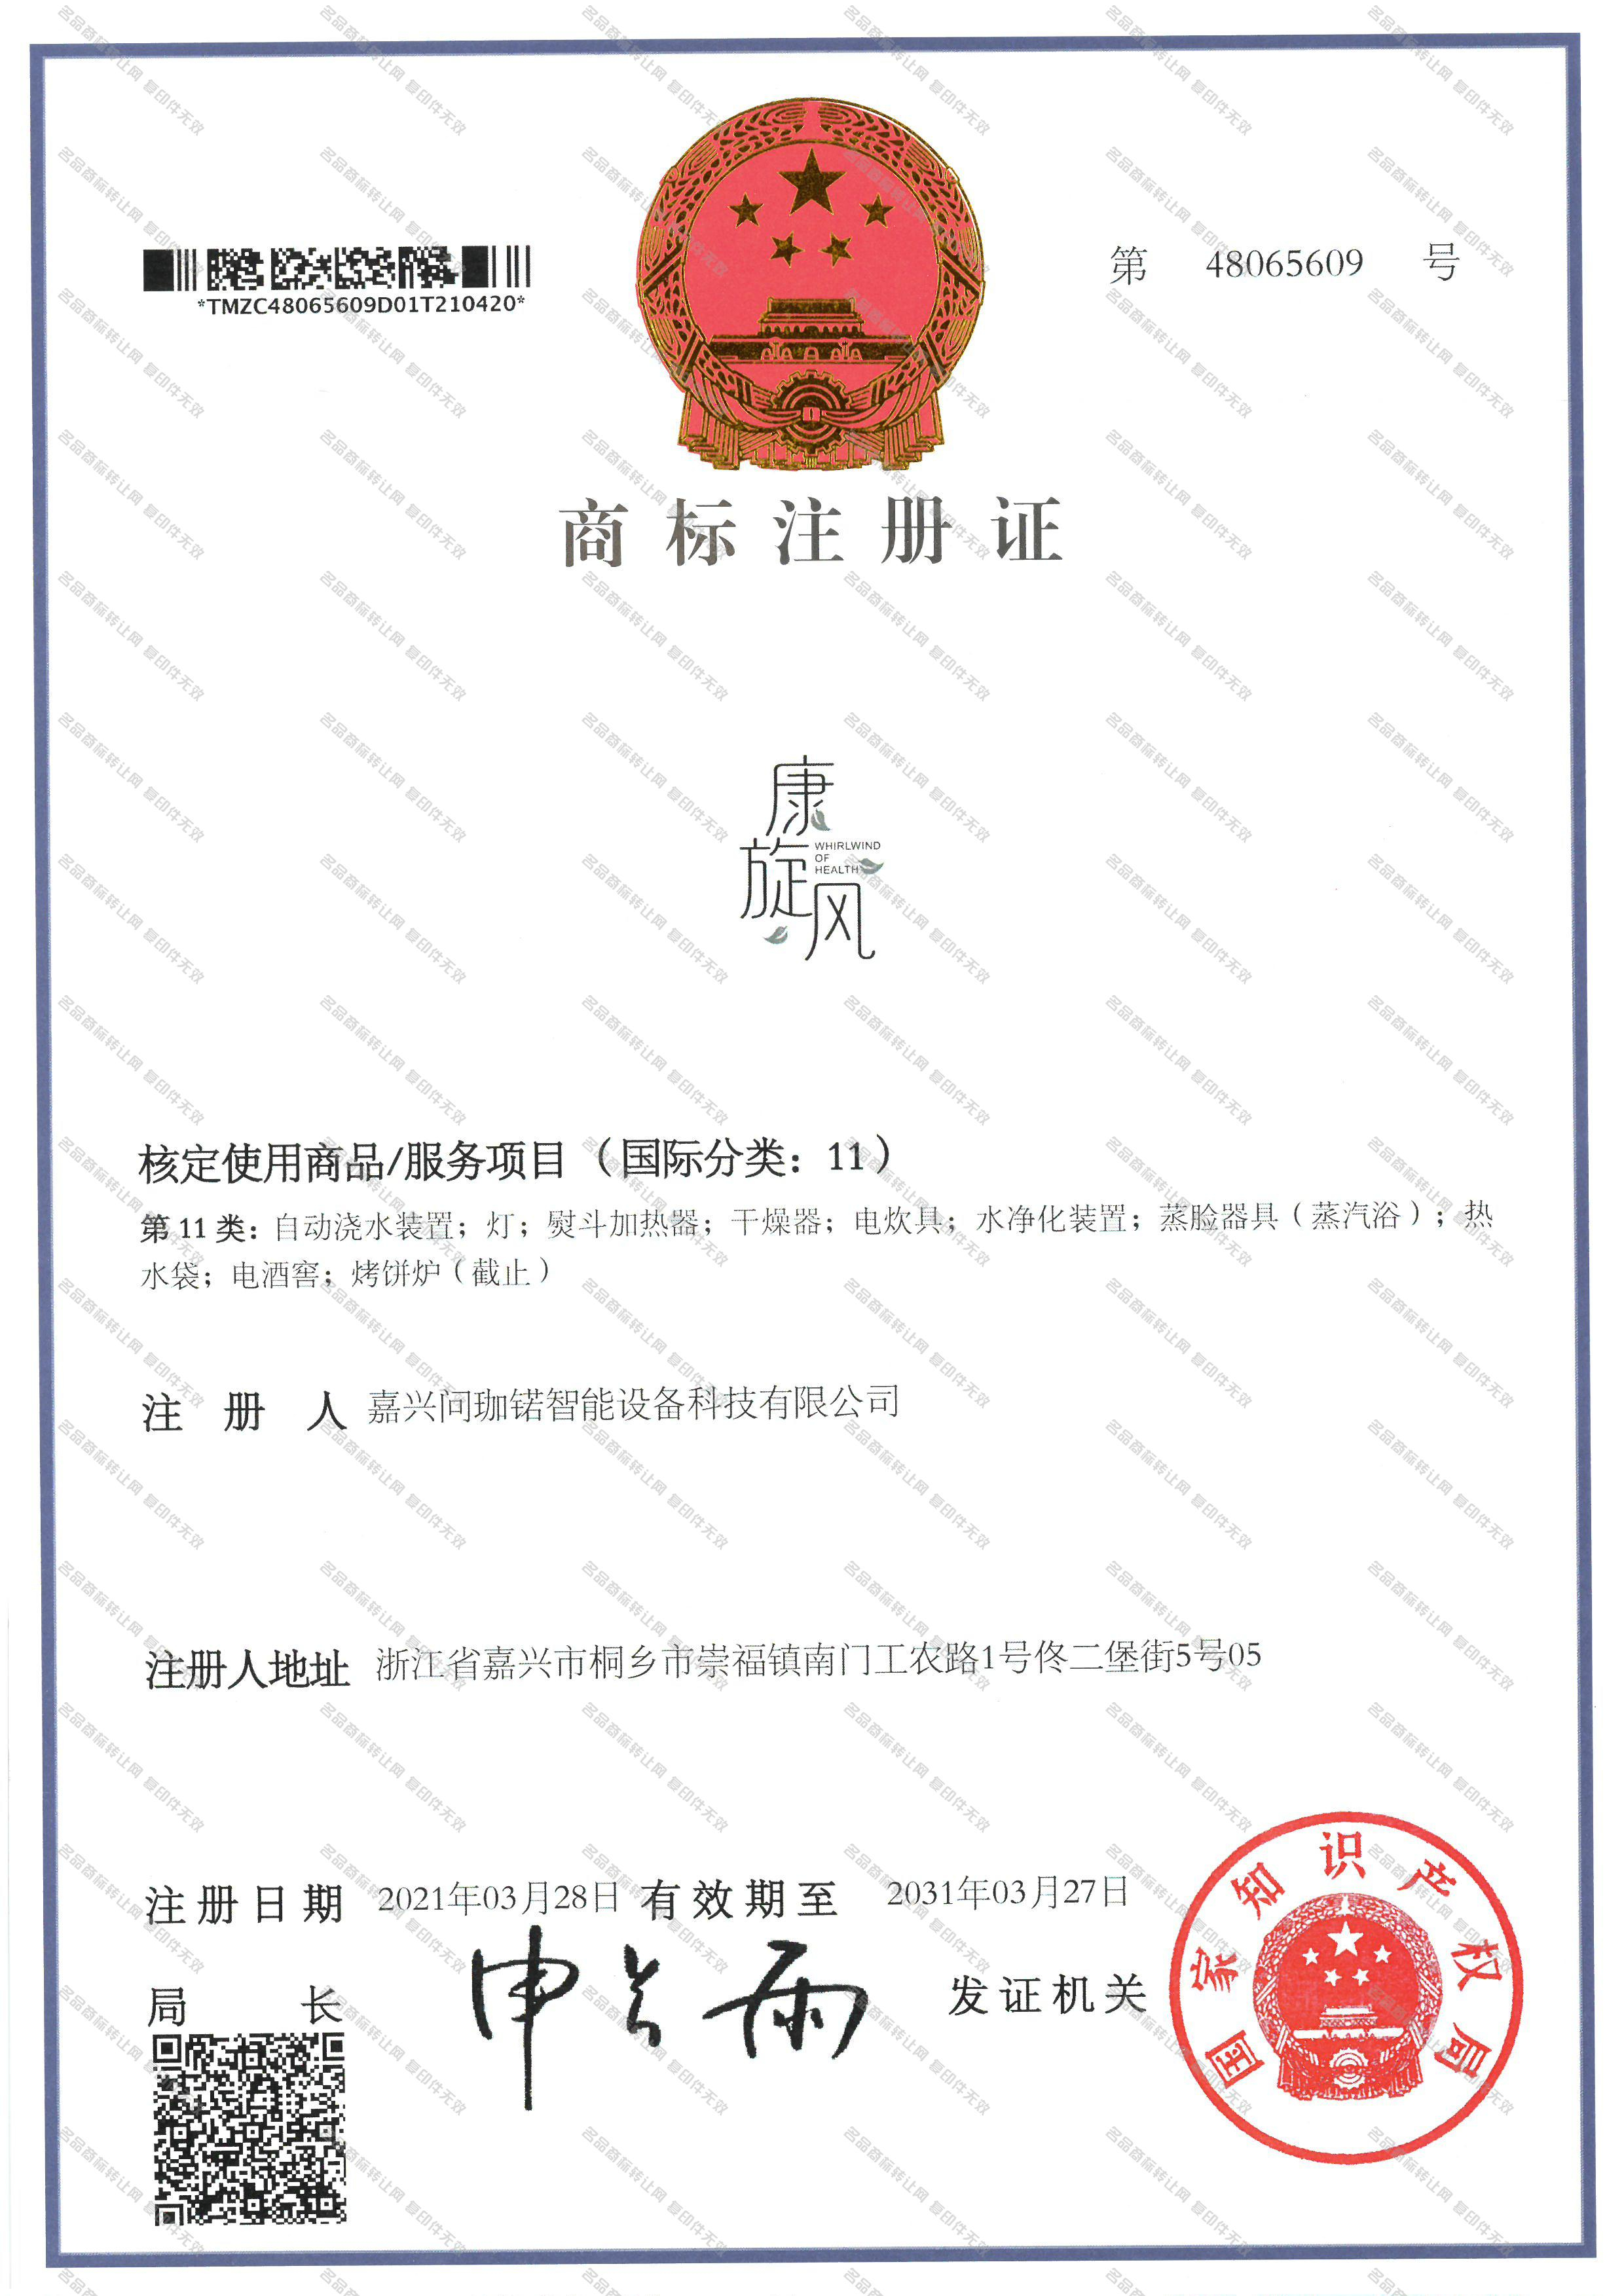 康旋风 WHIRLWIND OF HEALTH注册证